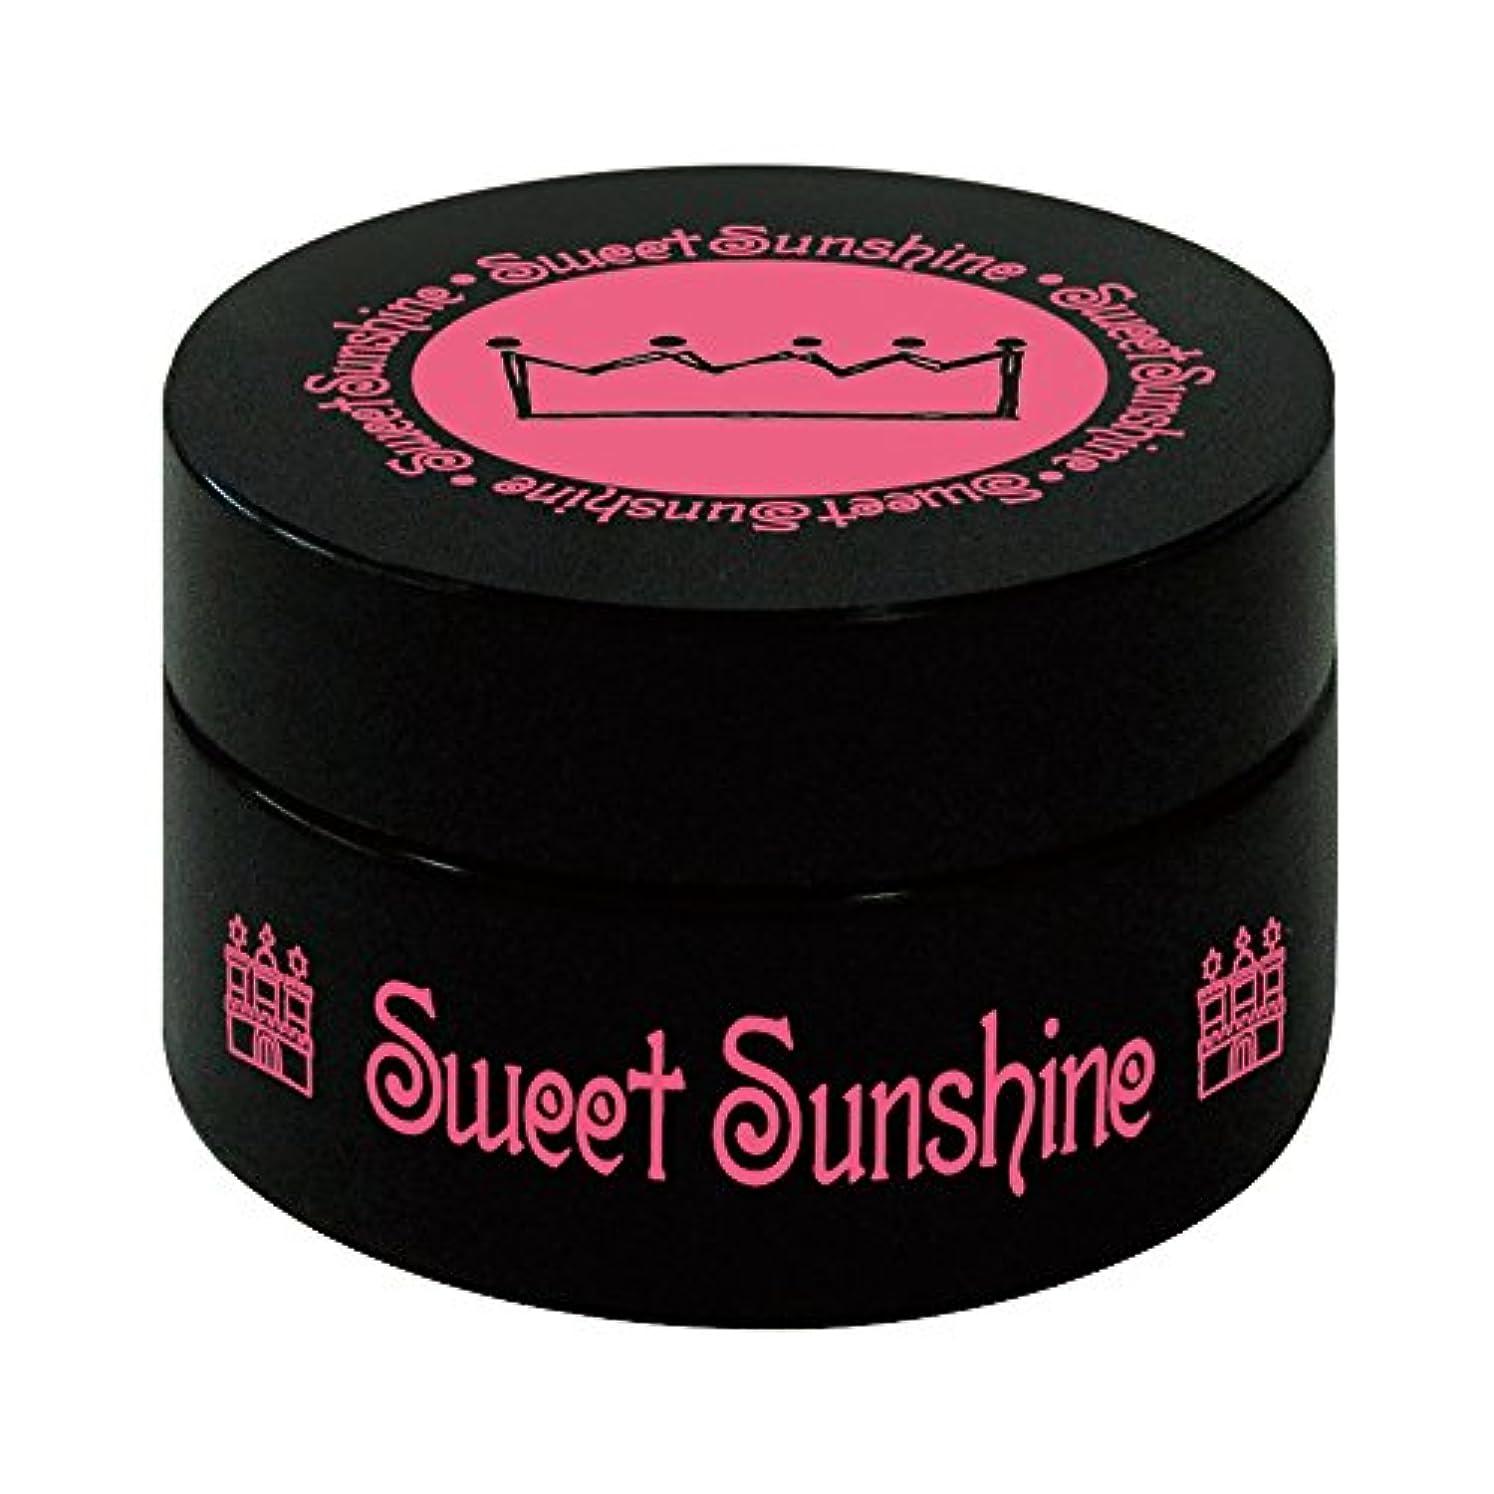 生き物シール最後の最速硬化LED対応 Sweet Sunshine スィート サンシャイン カラージェル SC-13 4g サマーパステルグリーン